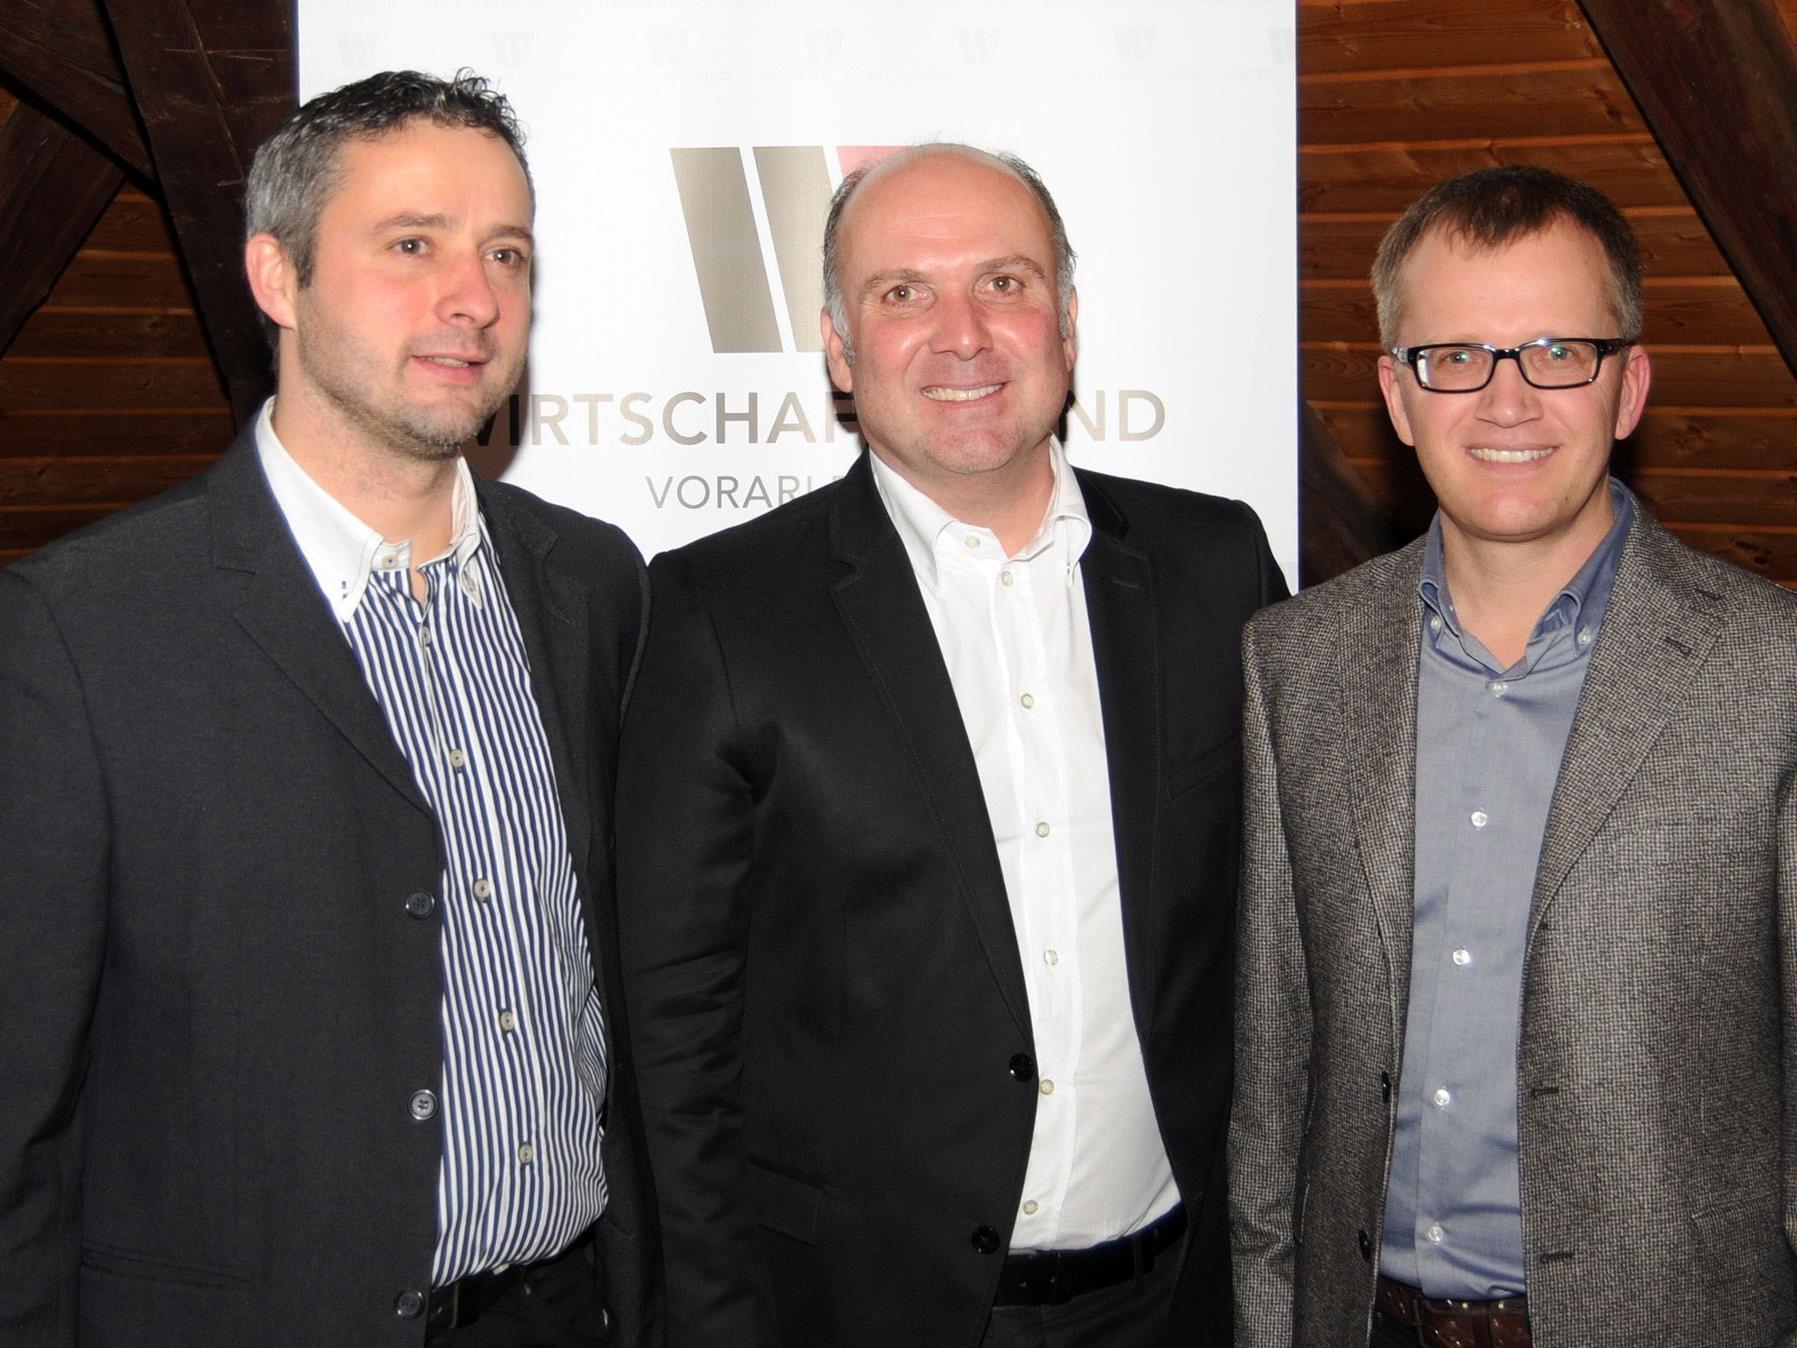 Christian Fröwis, Mag. Dieter Helbok und Markus Bacher vom Wirtschaftsbund Höchst.